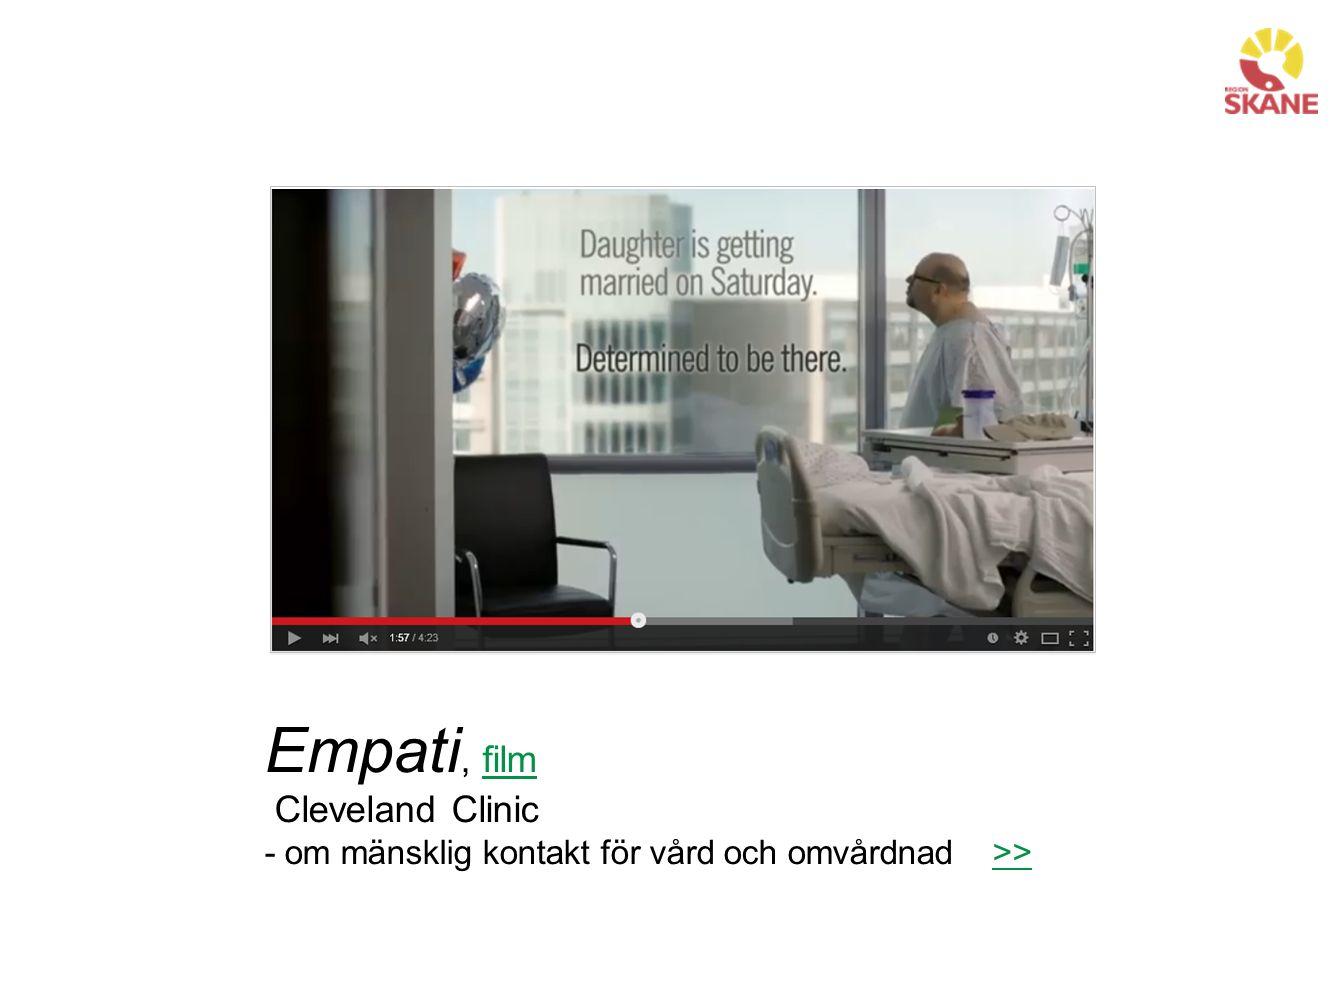 Empati, filmfilm Cleveland Clinic - om mänsklig kontakt för vård och omvårdnad >>>>